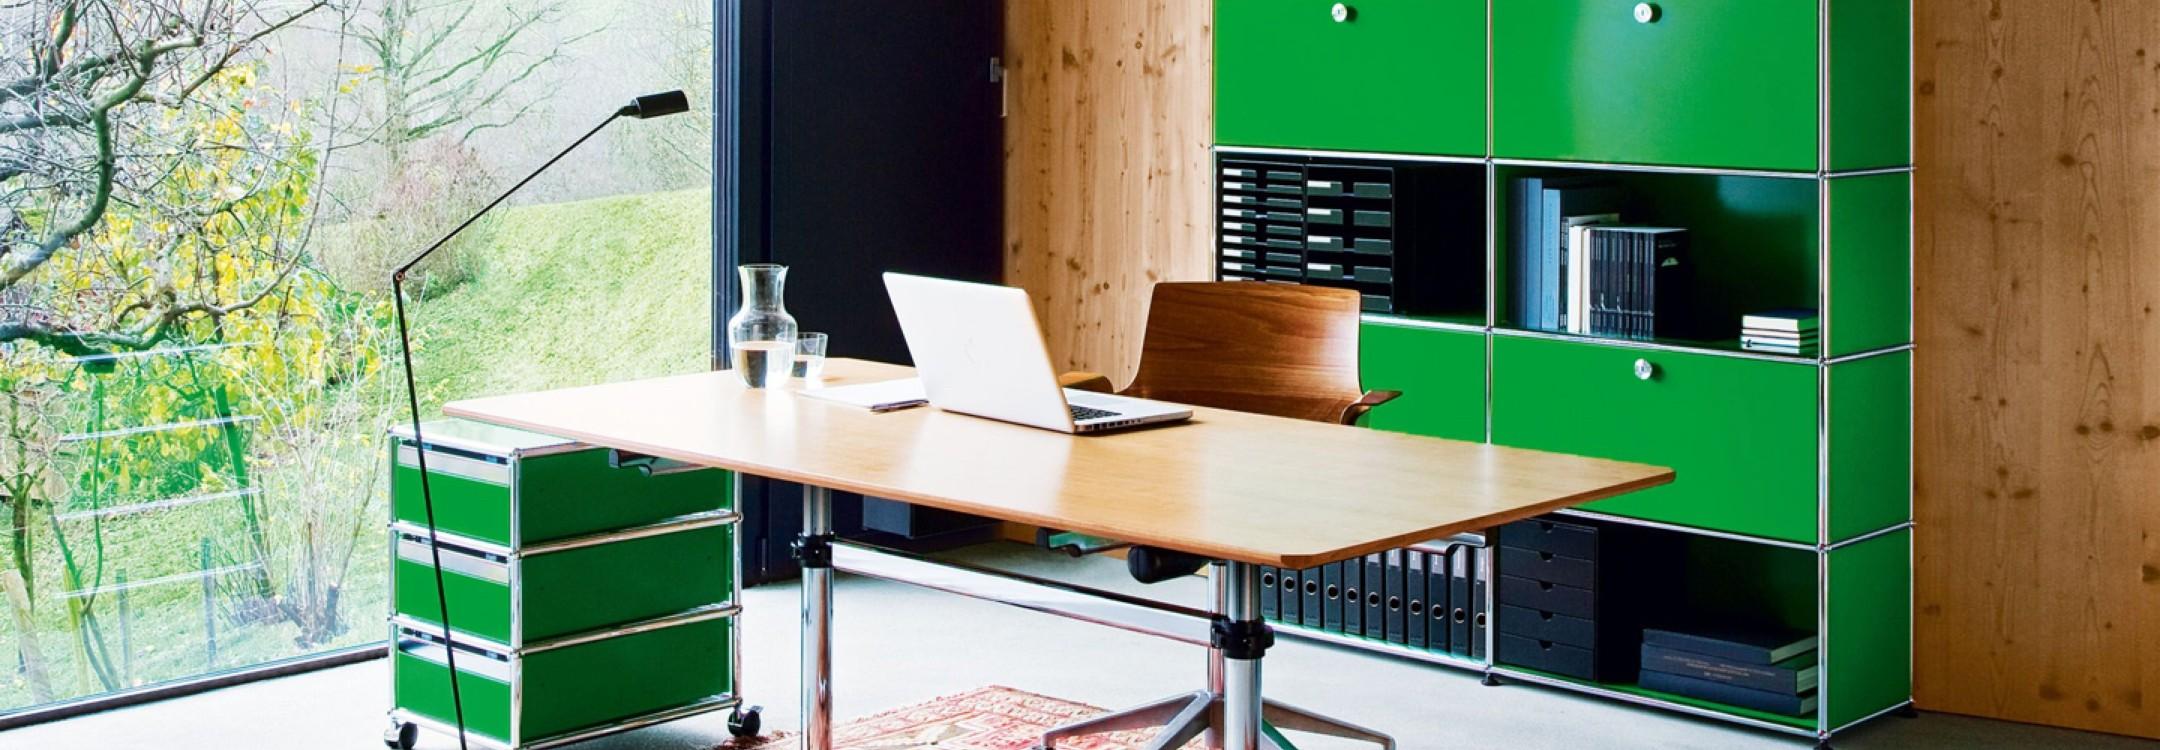 Mobilier de bureau thema design marseille aix en provence aubagne contact - Mobilier de bureau aix en provence ...